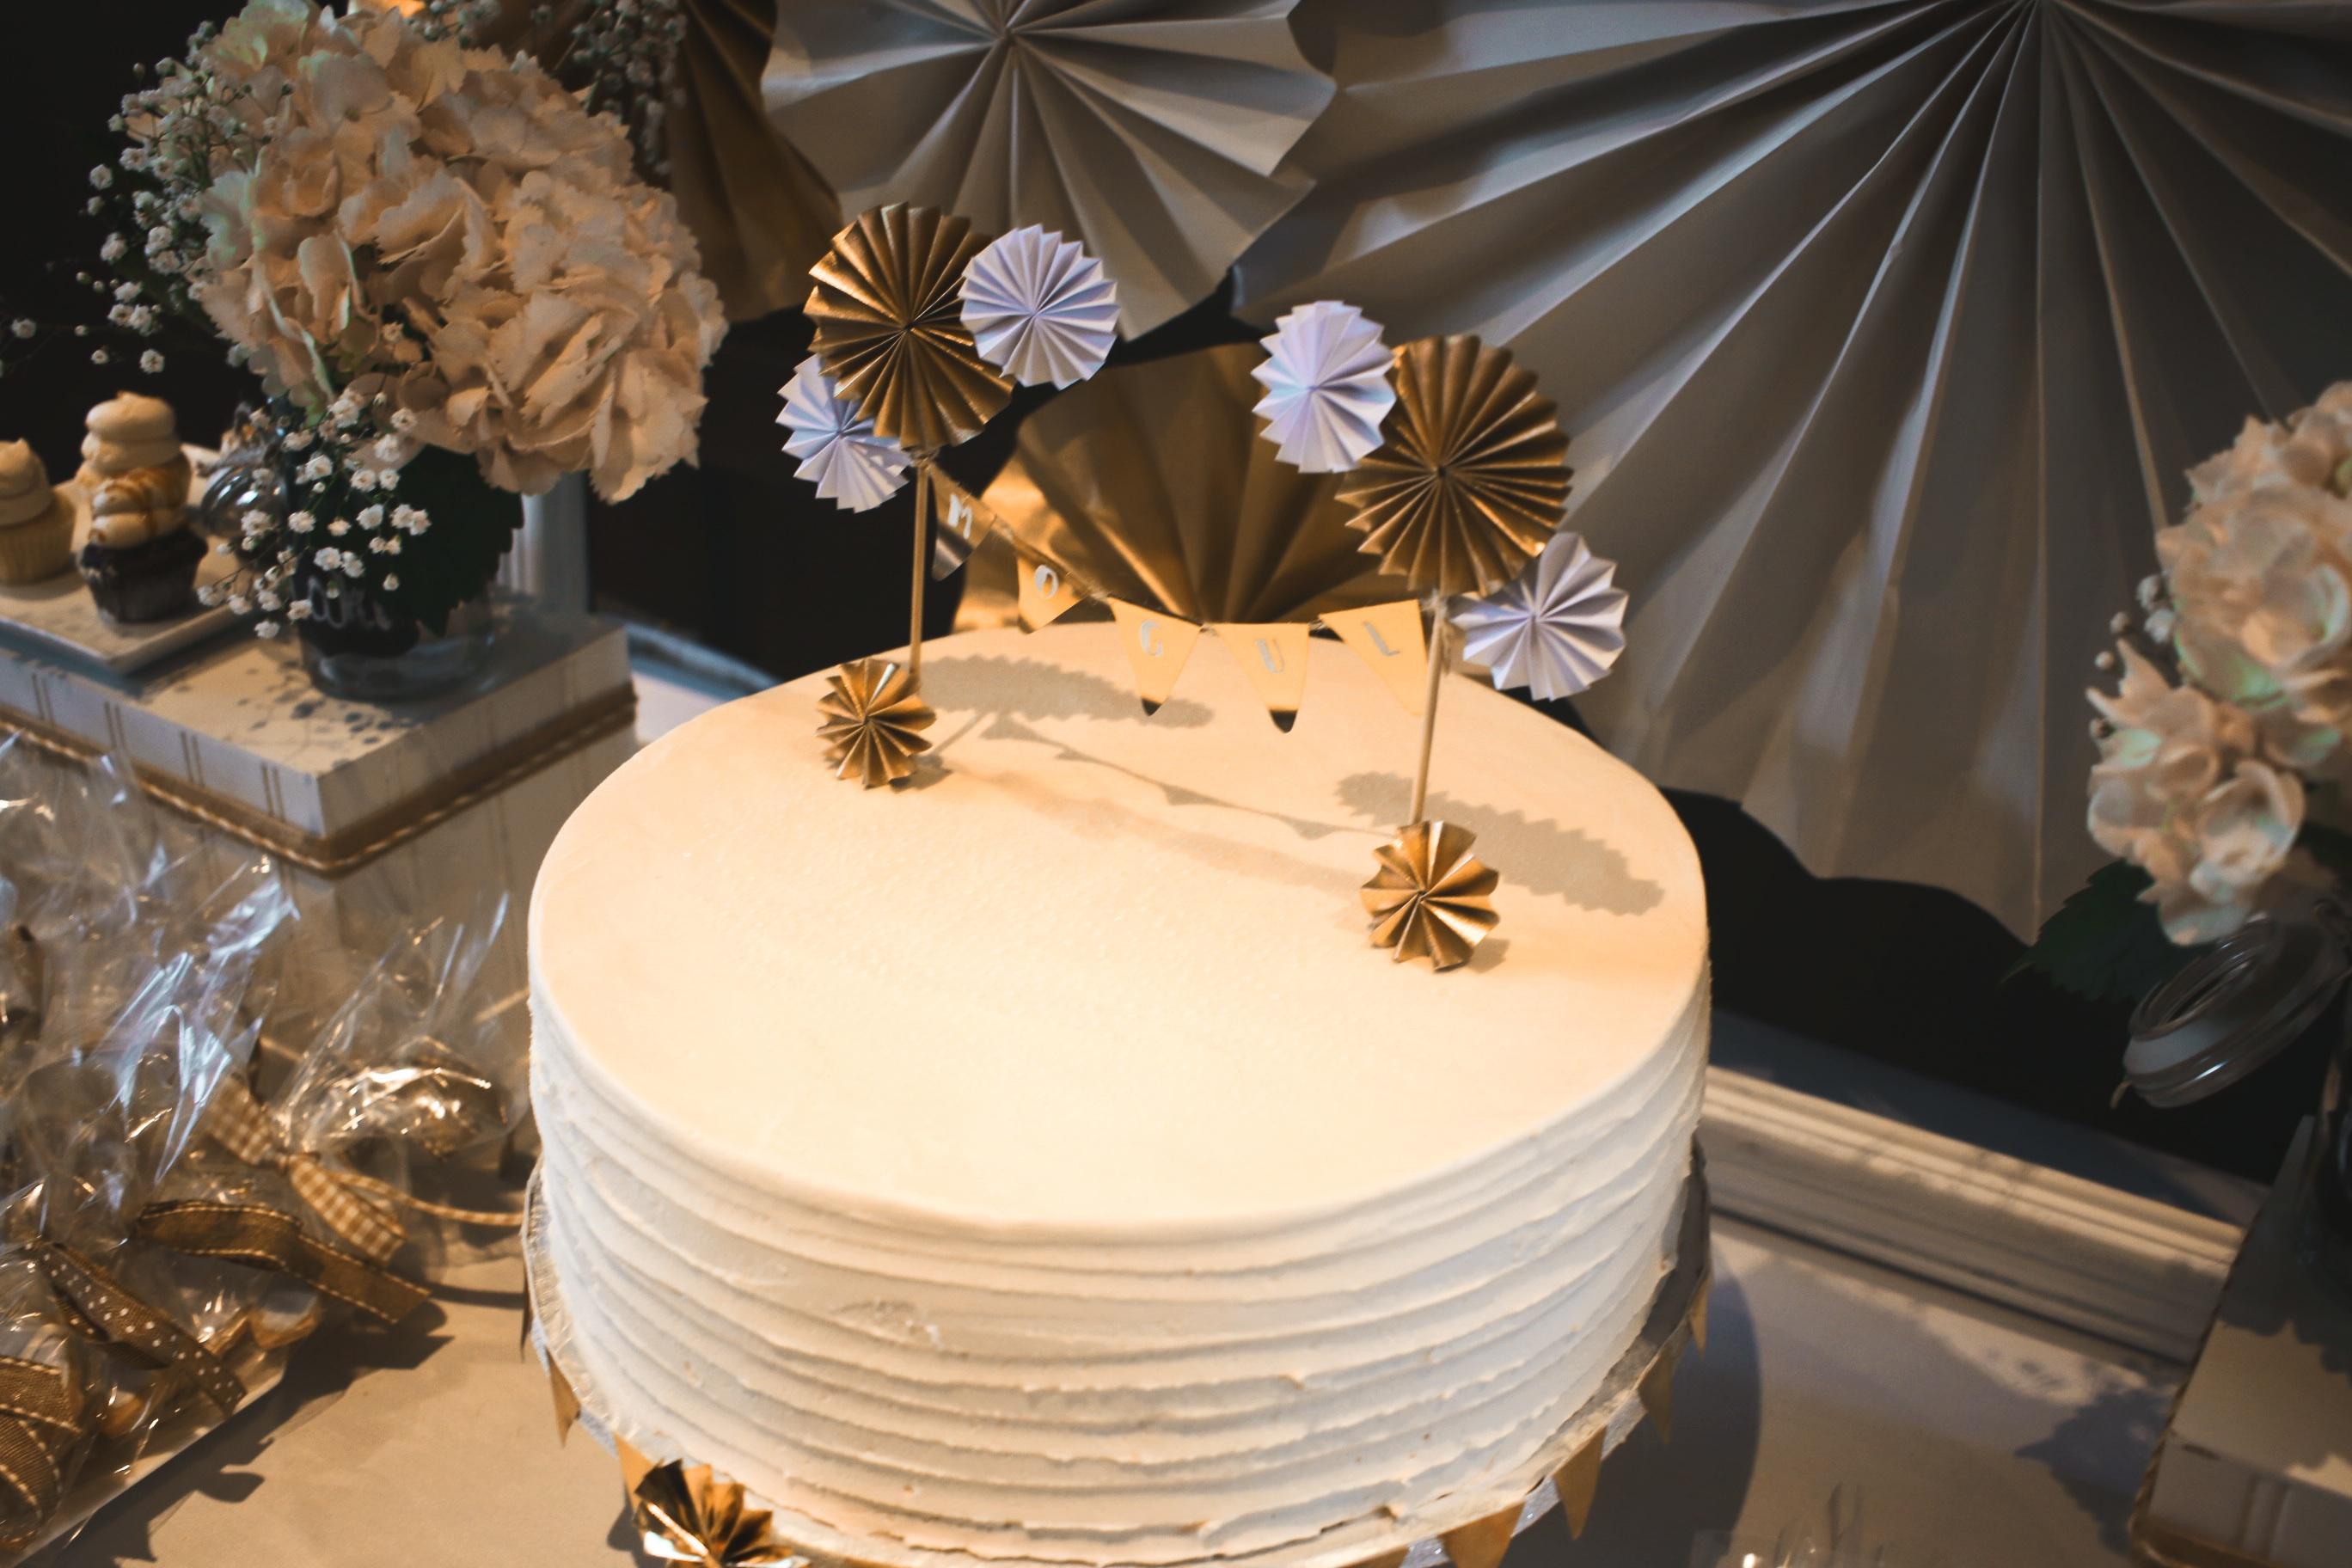 flor comida postre boda pastel formacin de hielo pastel de boda torta crema de mantequilla decoracin